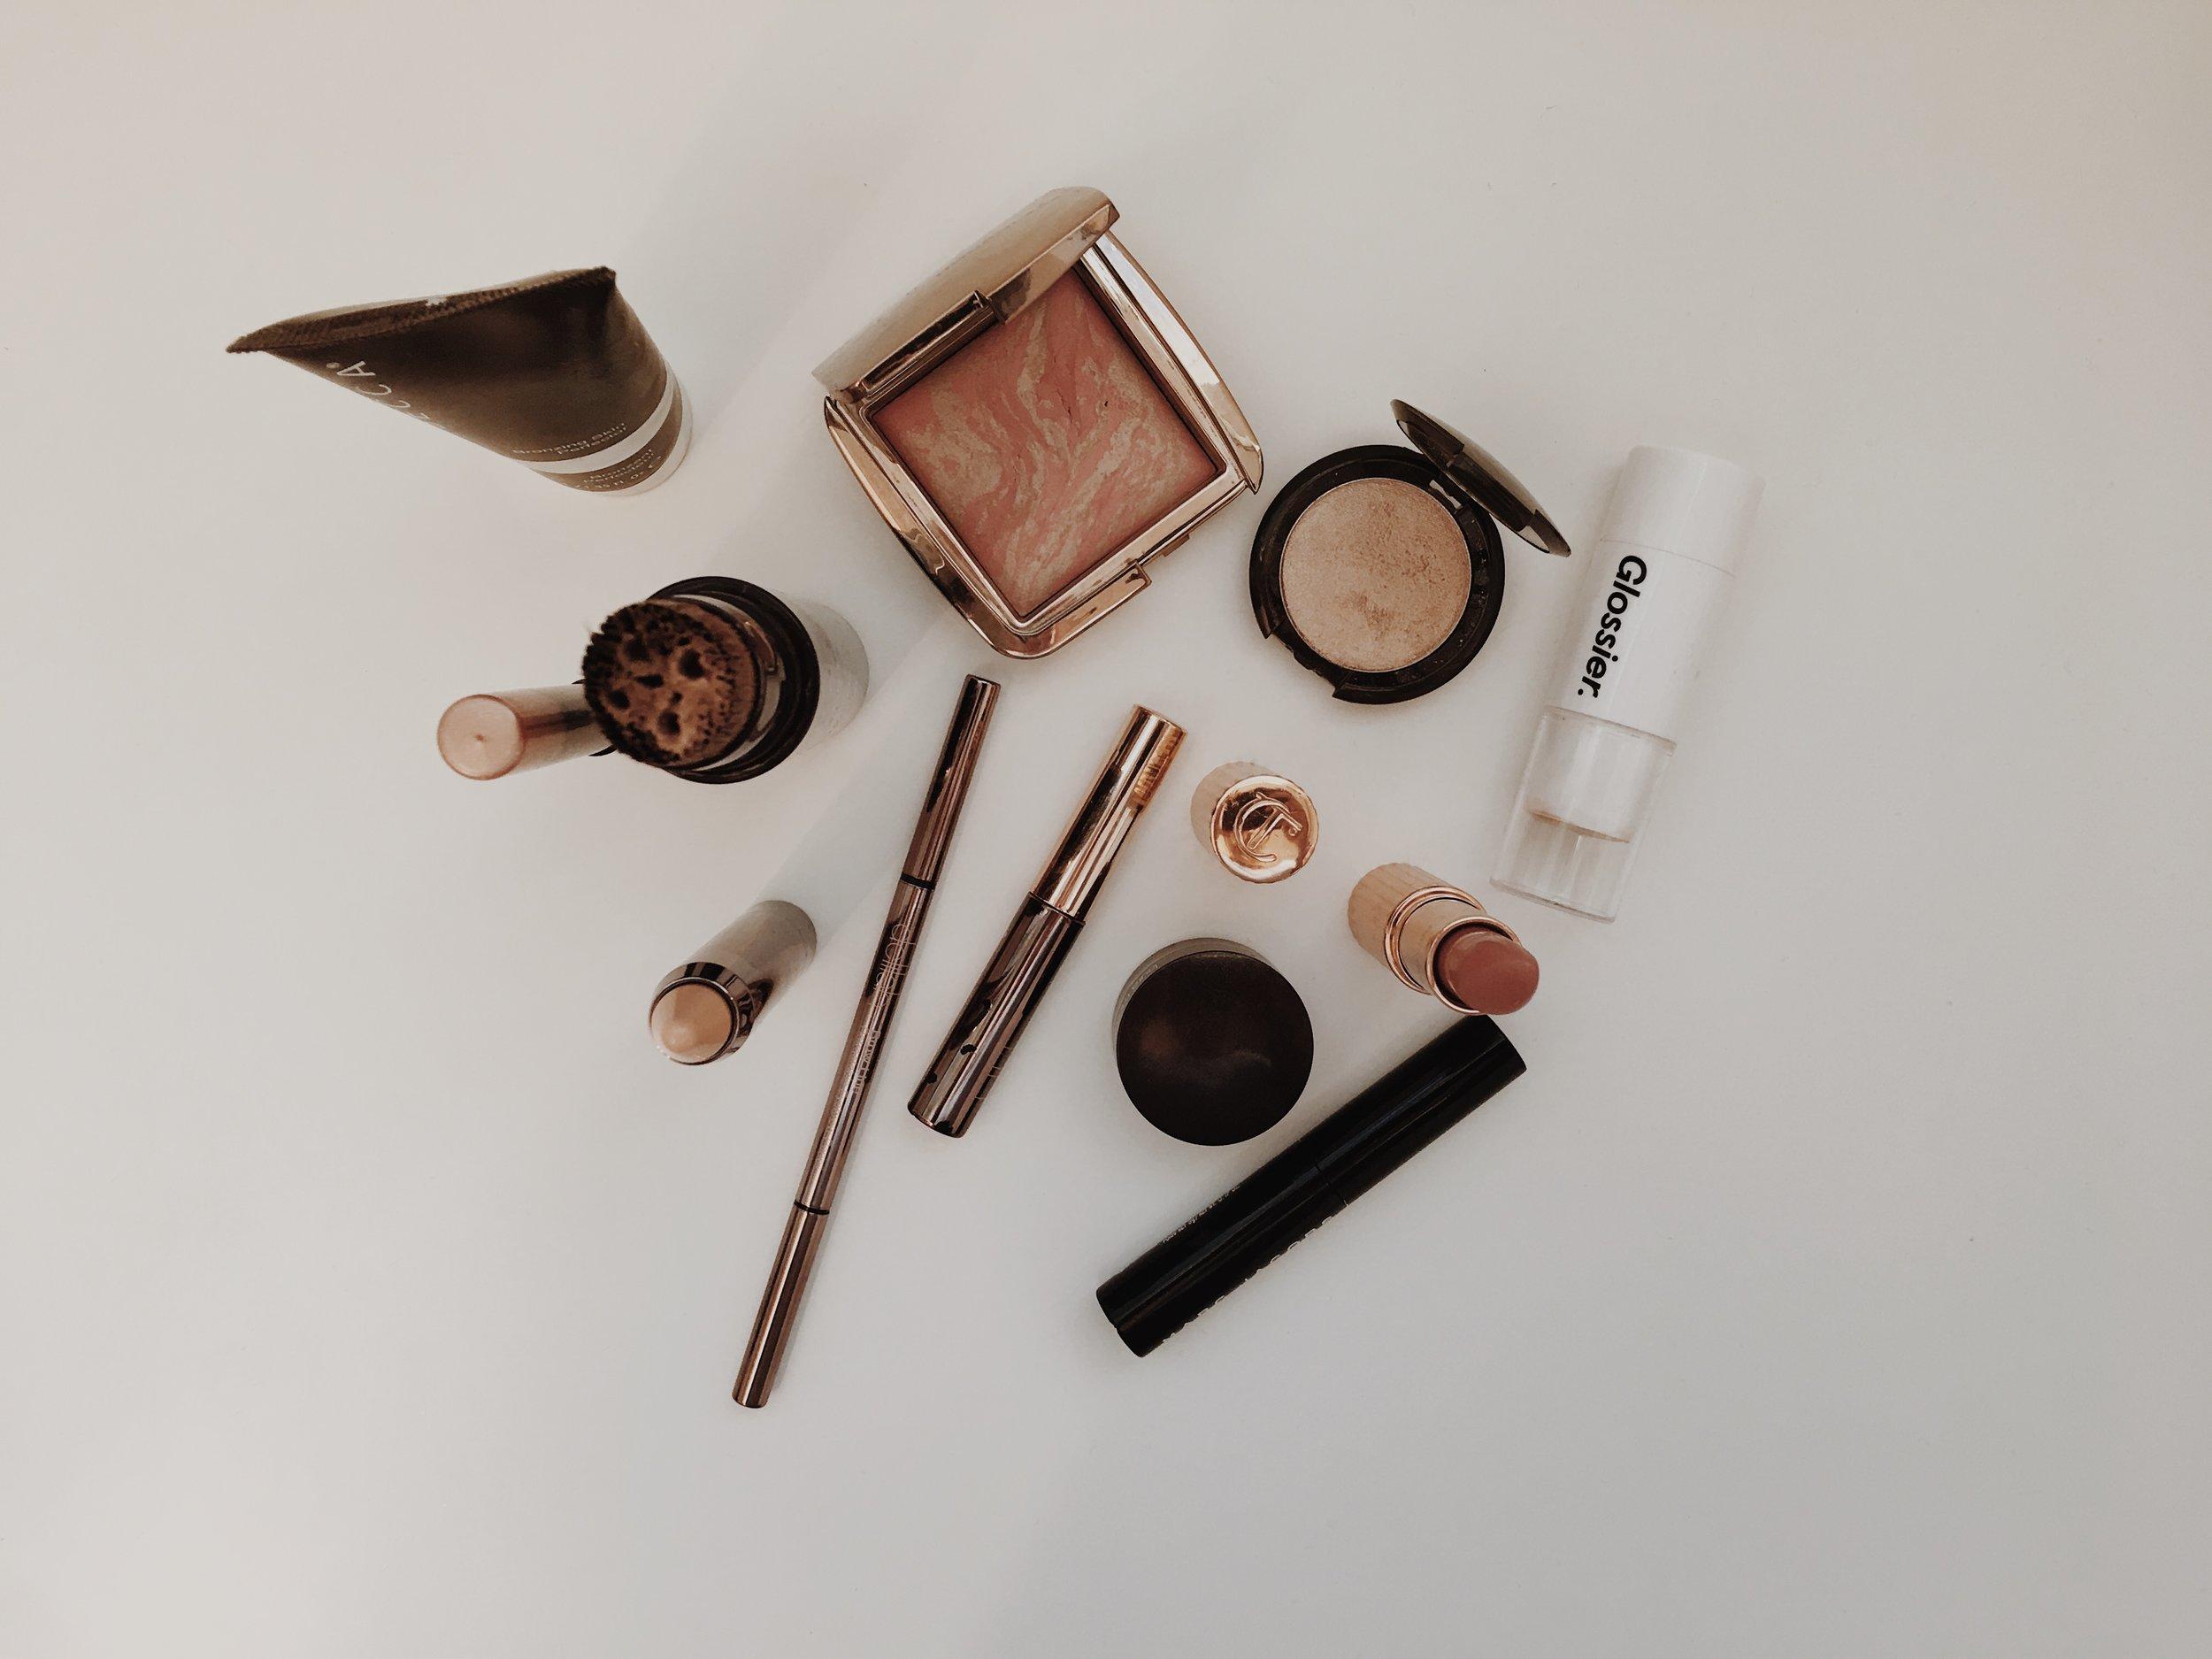 BECCA Makeup Review